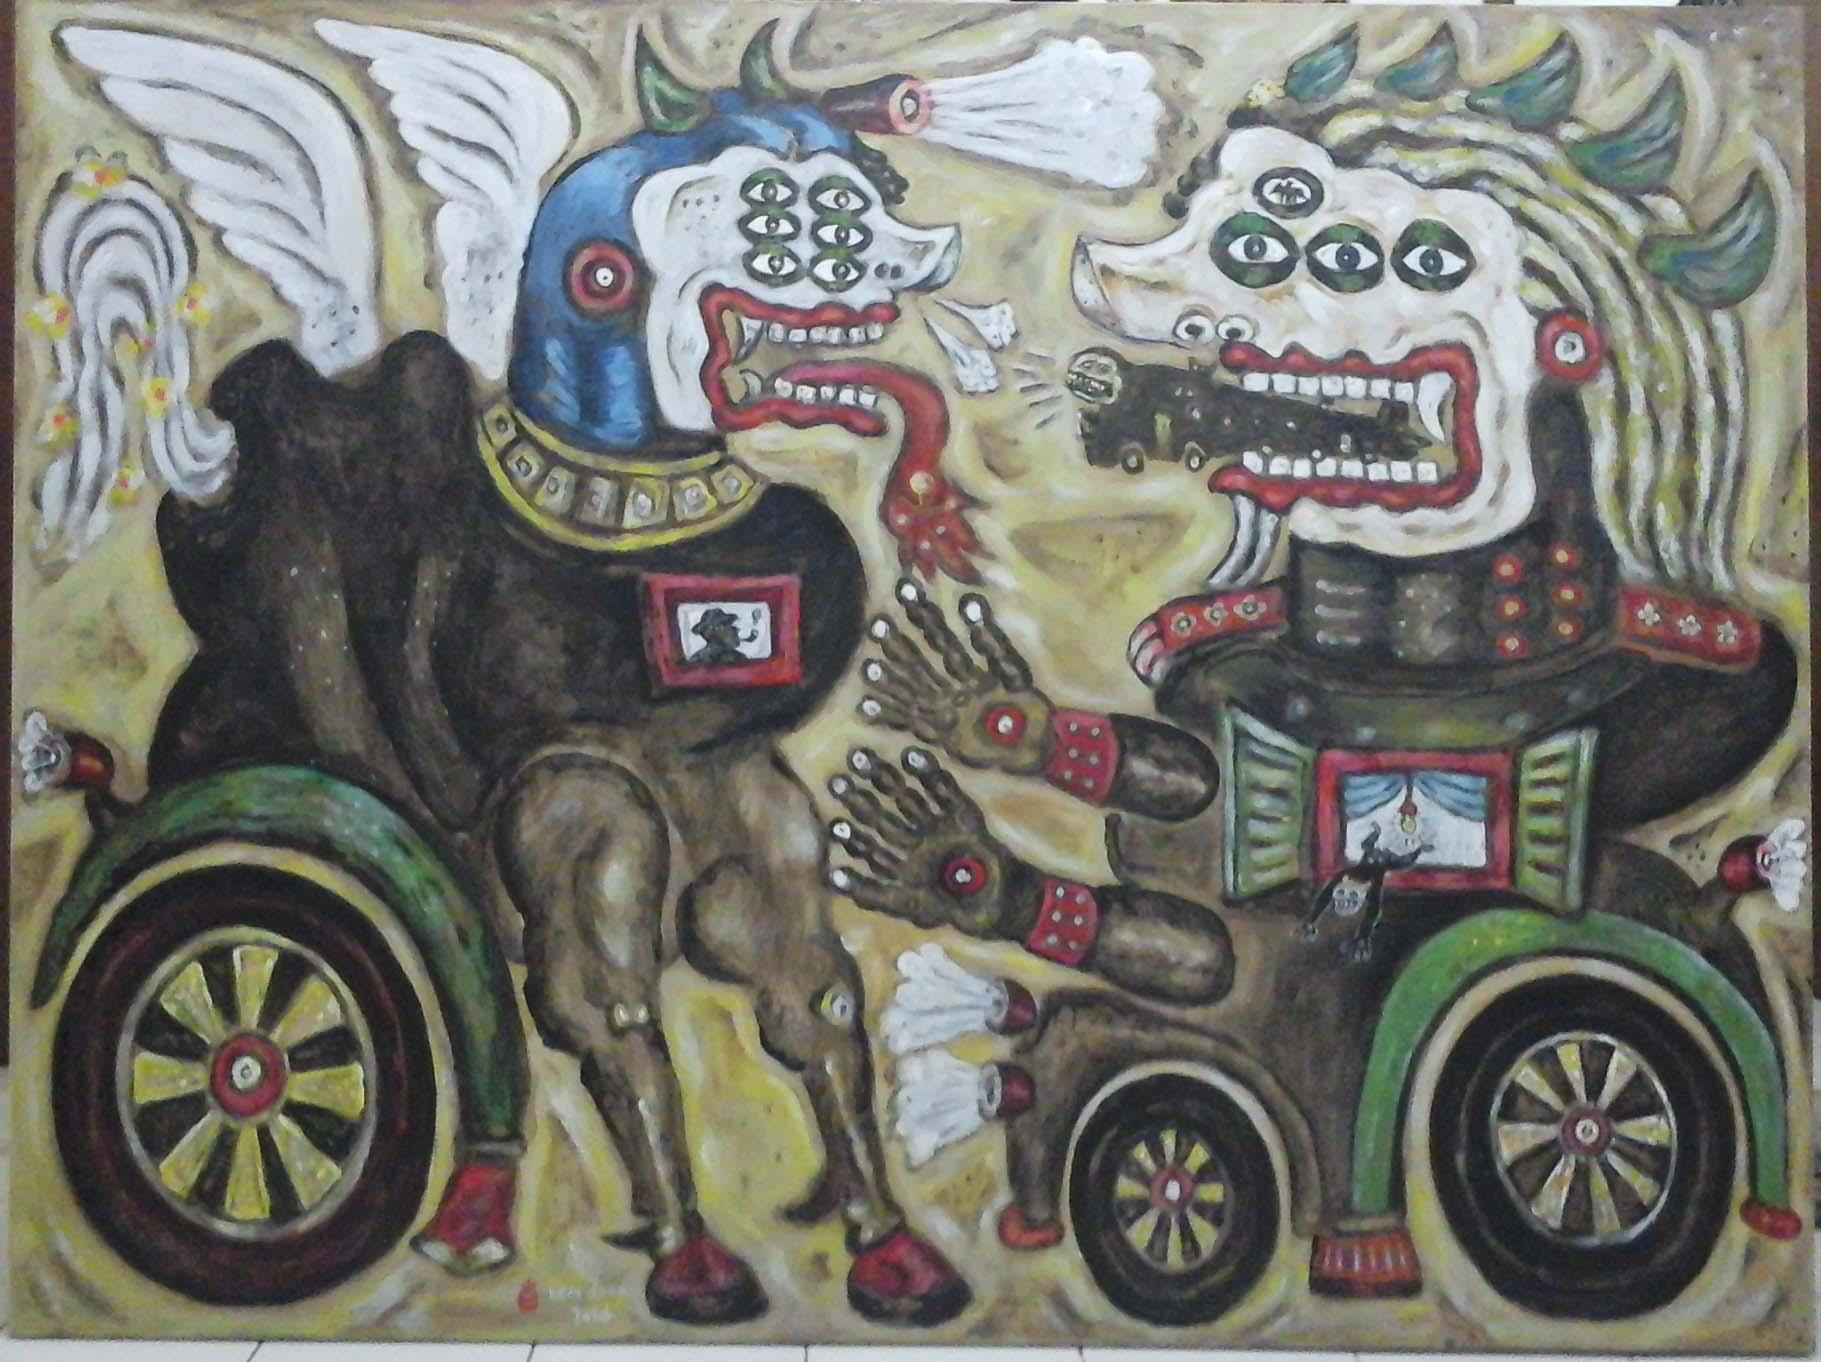 Heri Dono - Trokomod Keluar dari  Mulut Singa - 200 x 150 cm - 2016 - Aoc